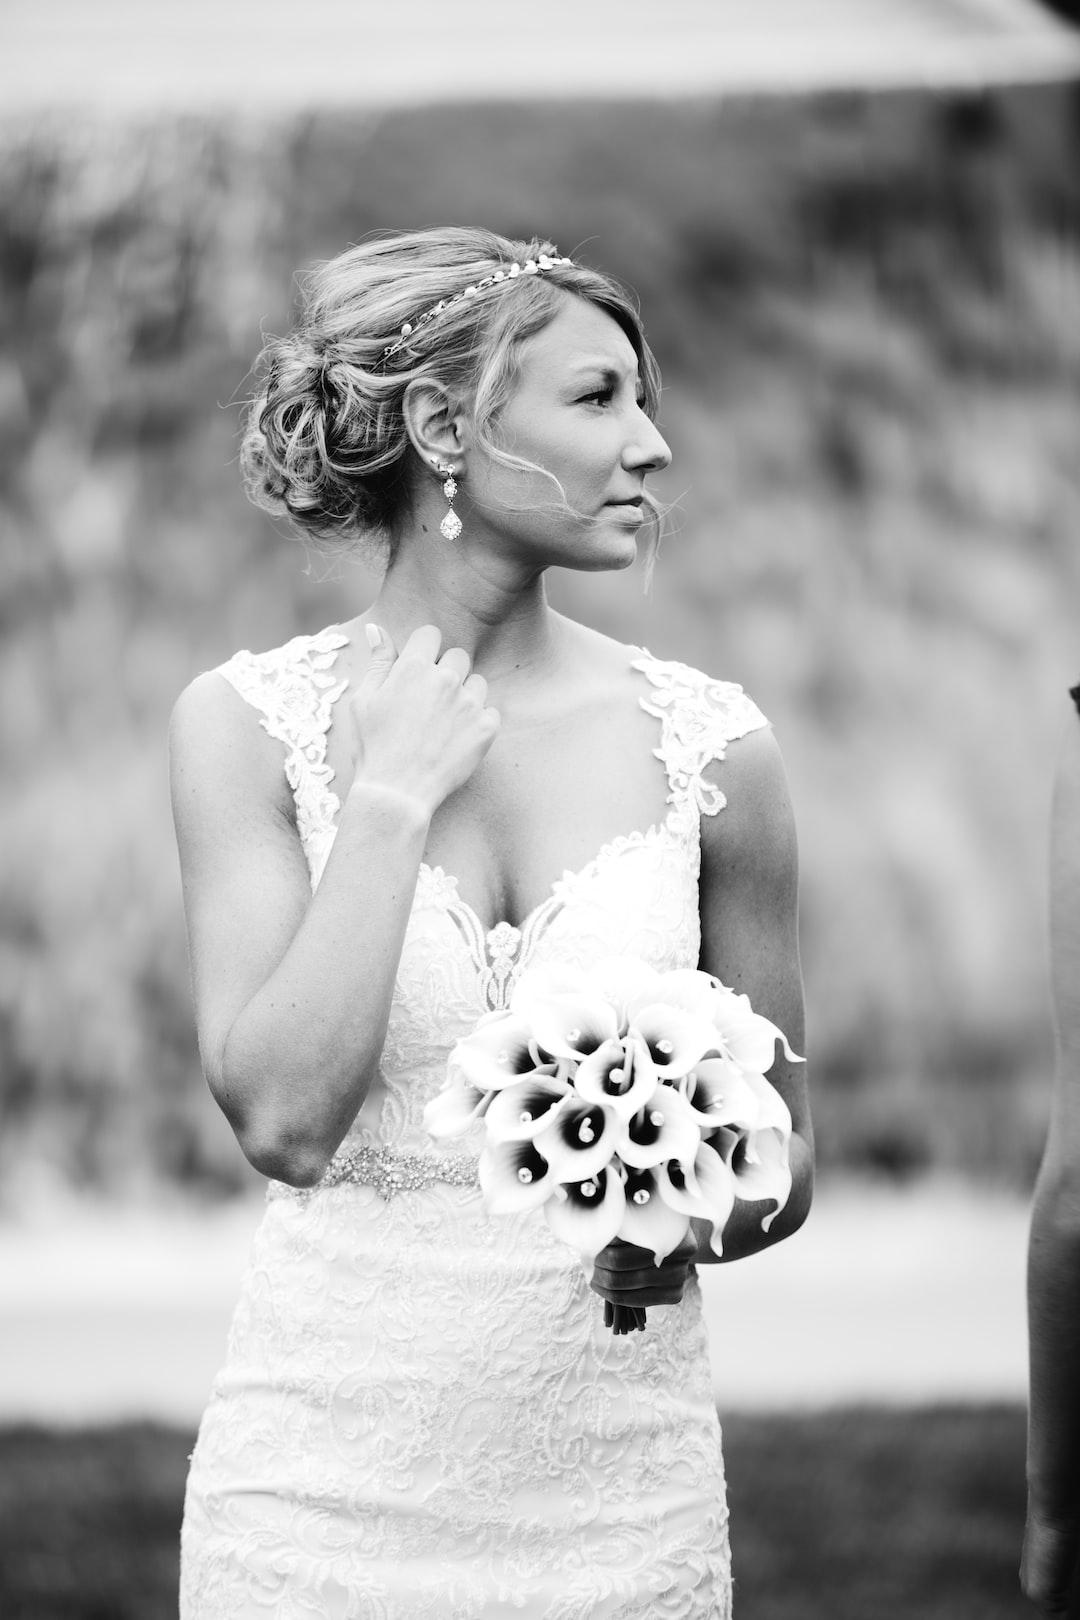 monochrome bride with bouquet